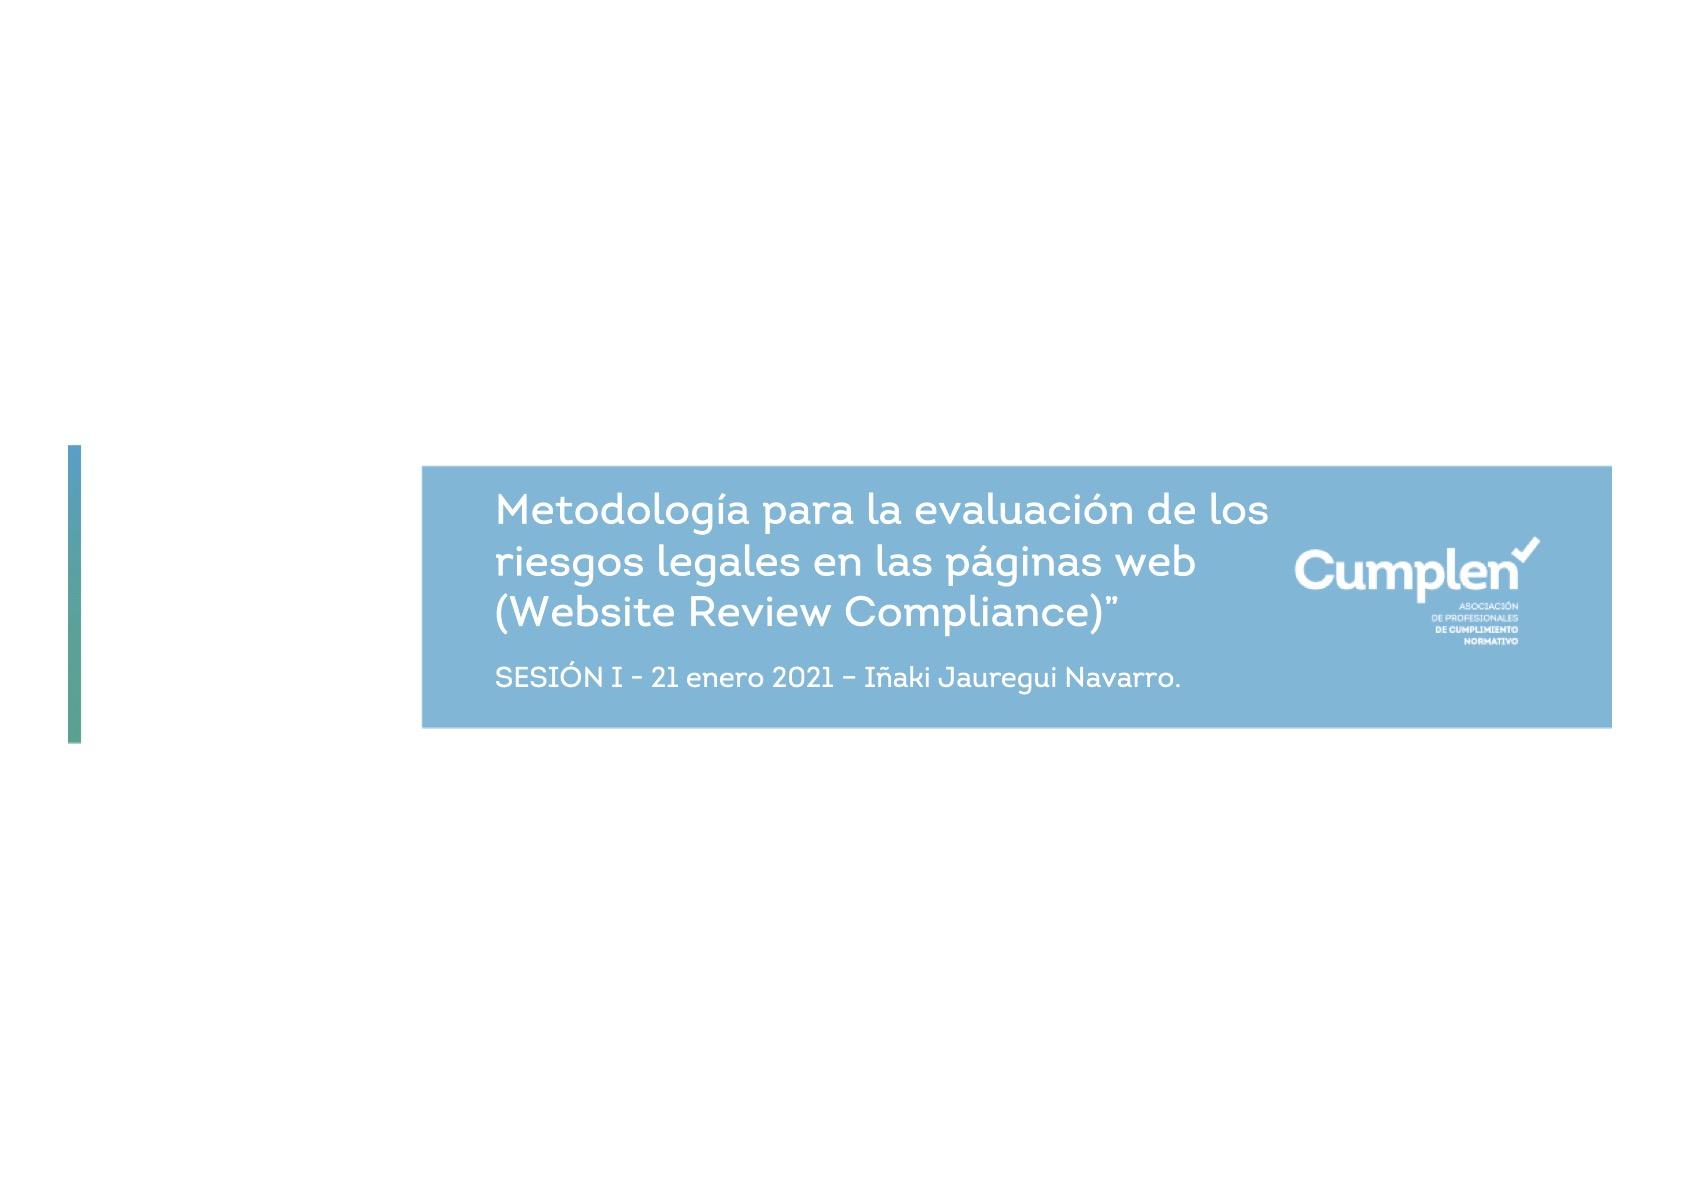 Documentos asociados al Webinar Cumplen Iñaki Jáuregui 21 enero 2021:  Metodología para la evaluación de los riesgos legales en las páginas web (Website Review Complianc